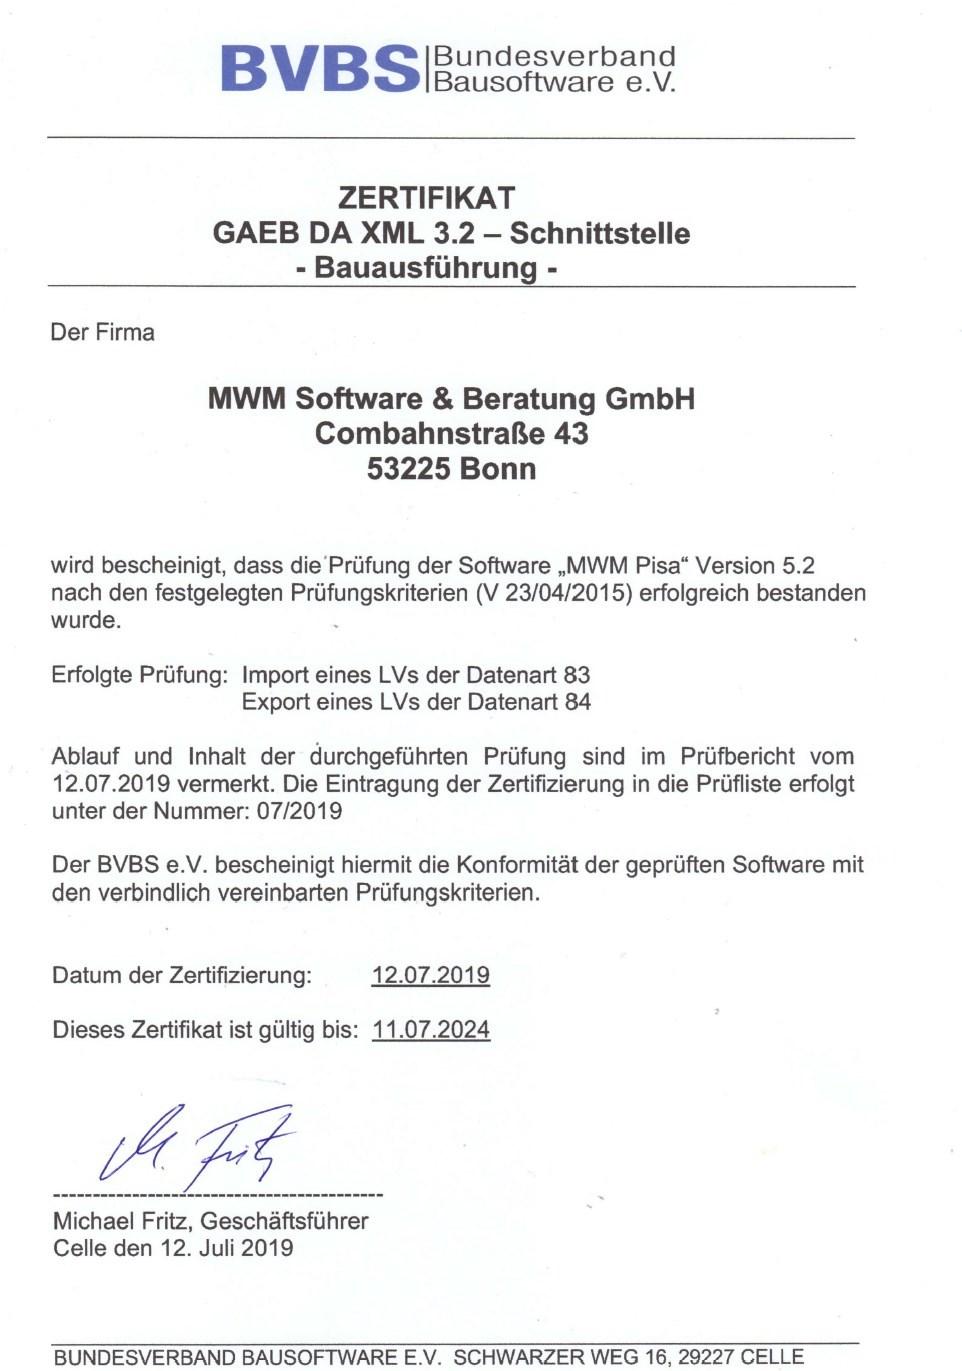 GAEB-Zertifizierung für MWM-Pisa 5.2